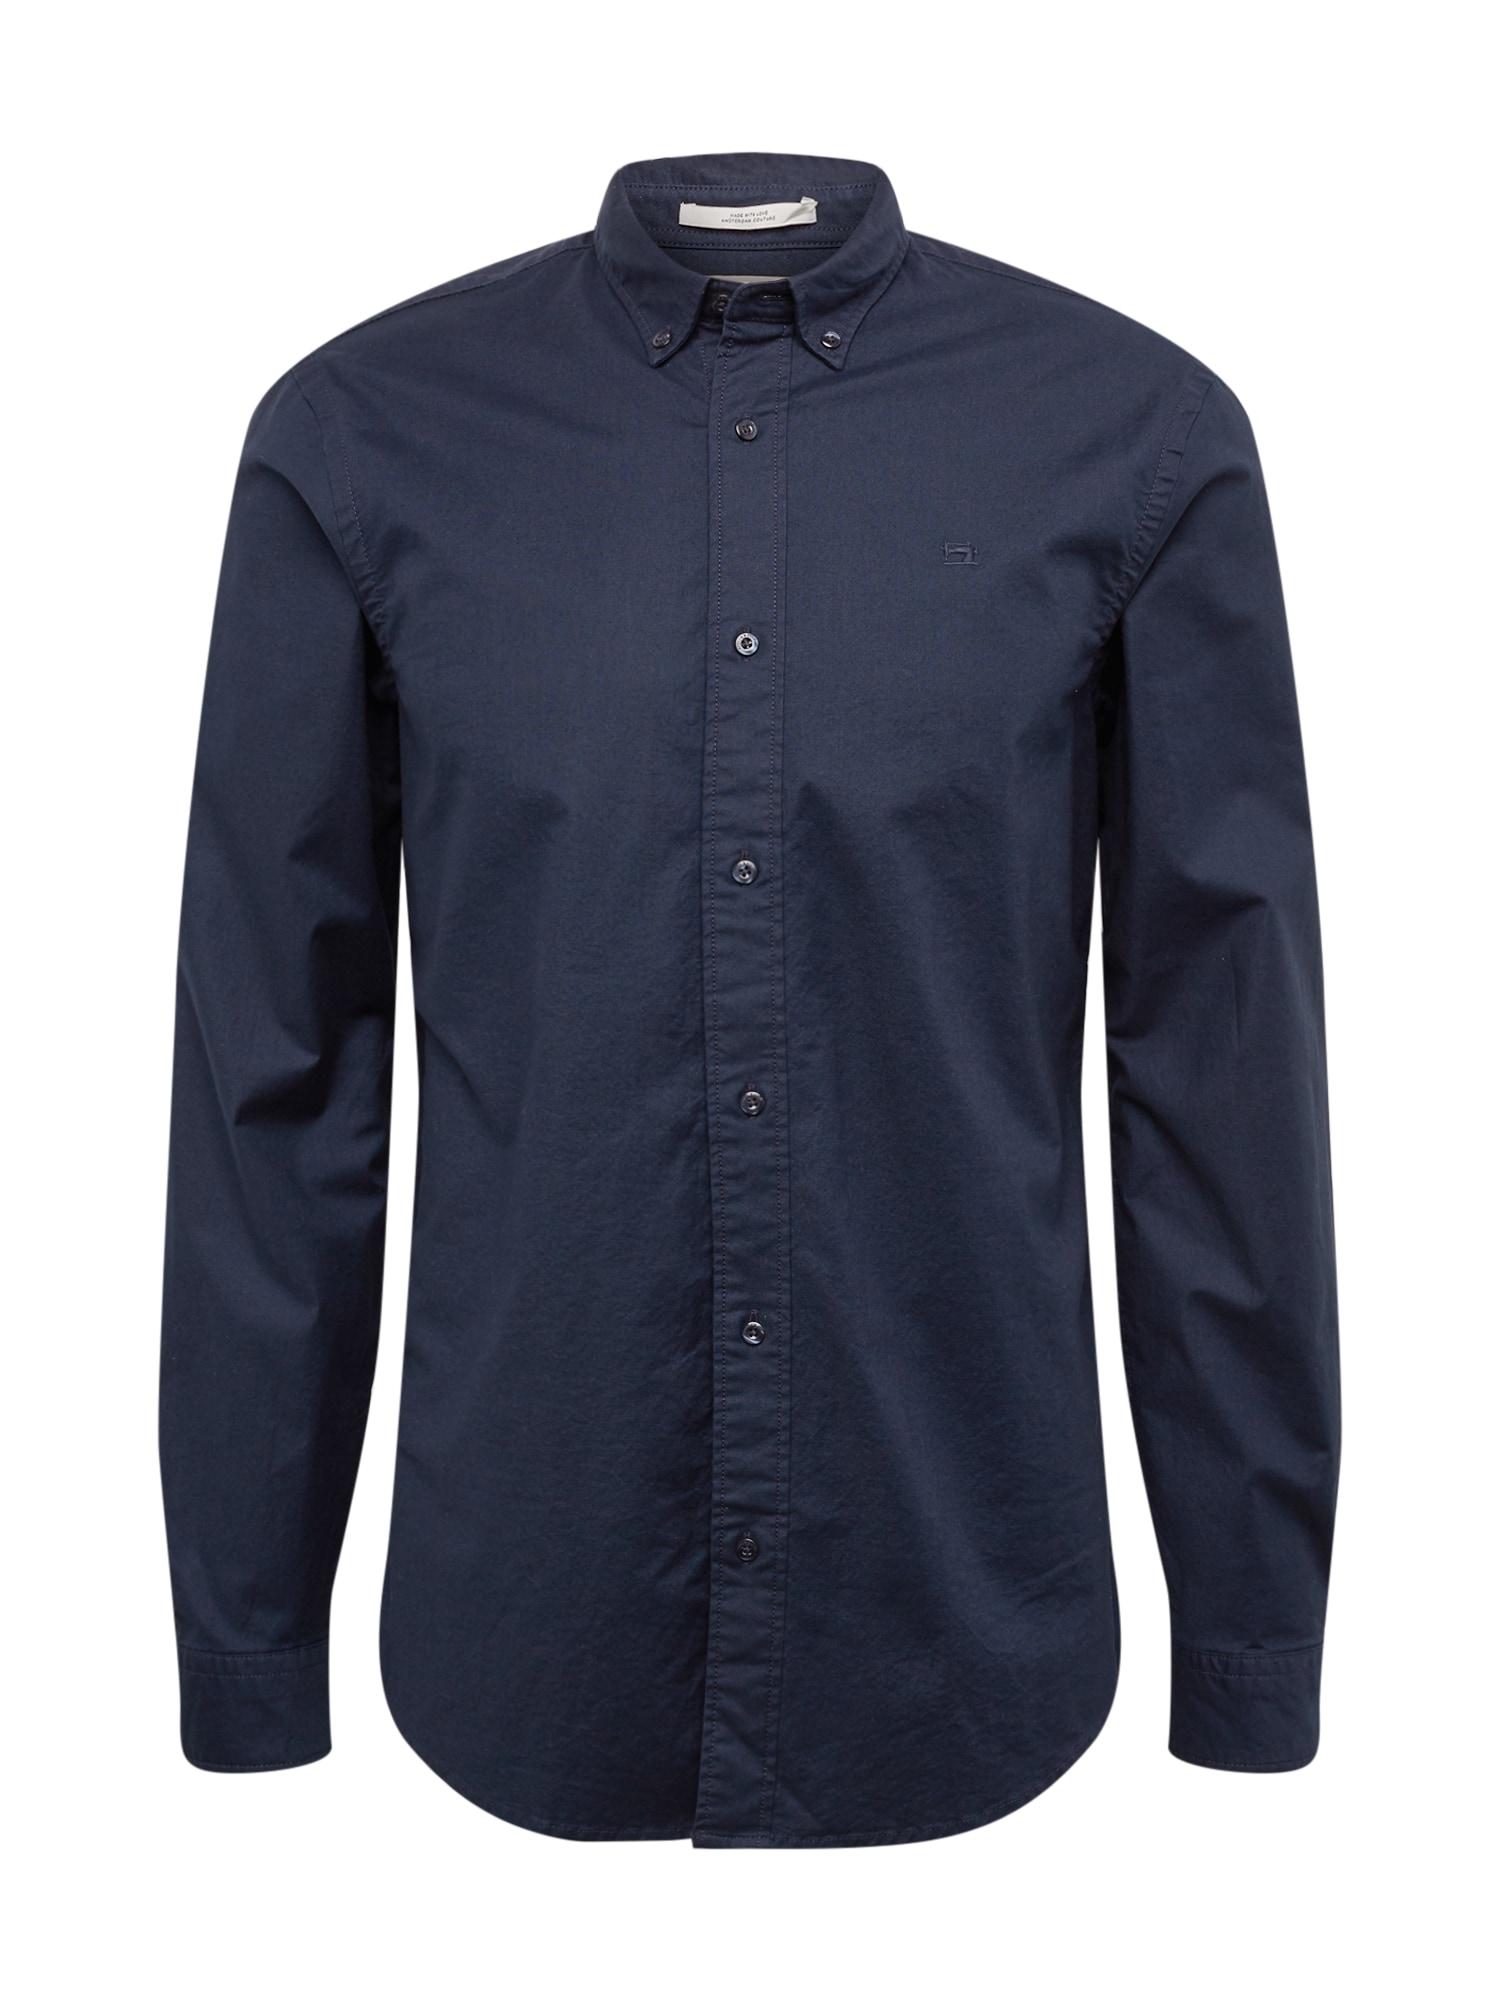 Společenská košile Oxford noční modrá SCOTCH & SODA